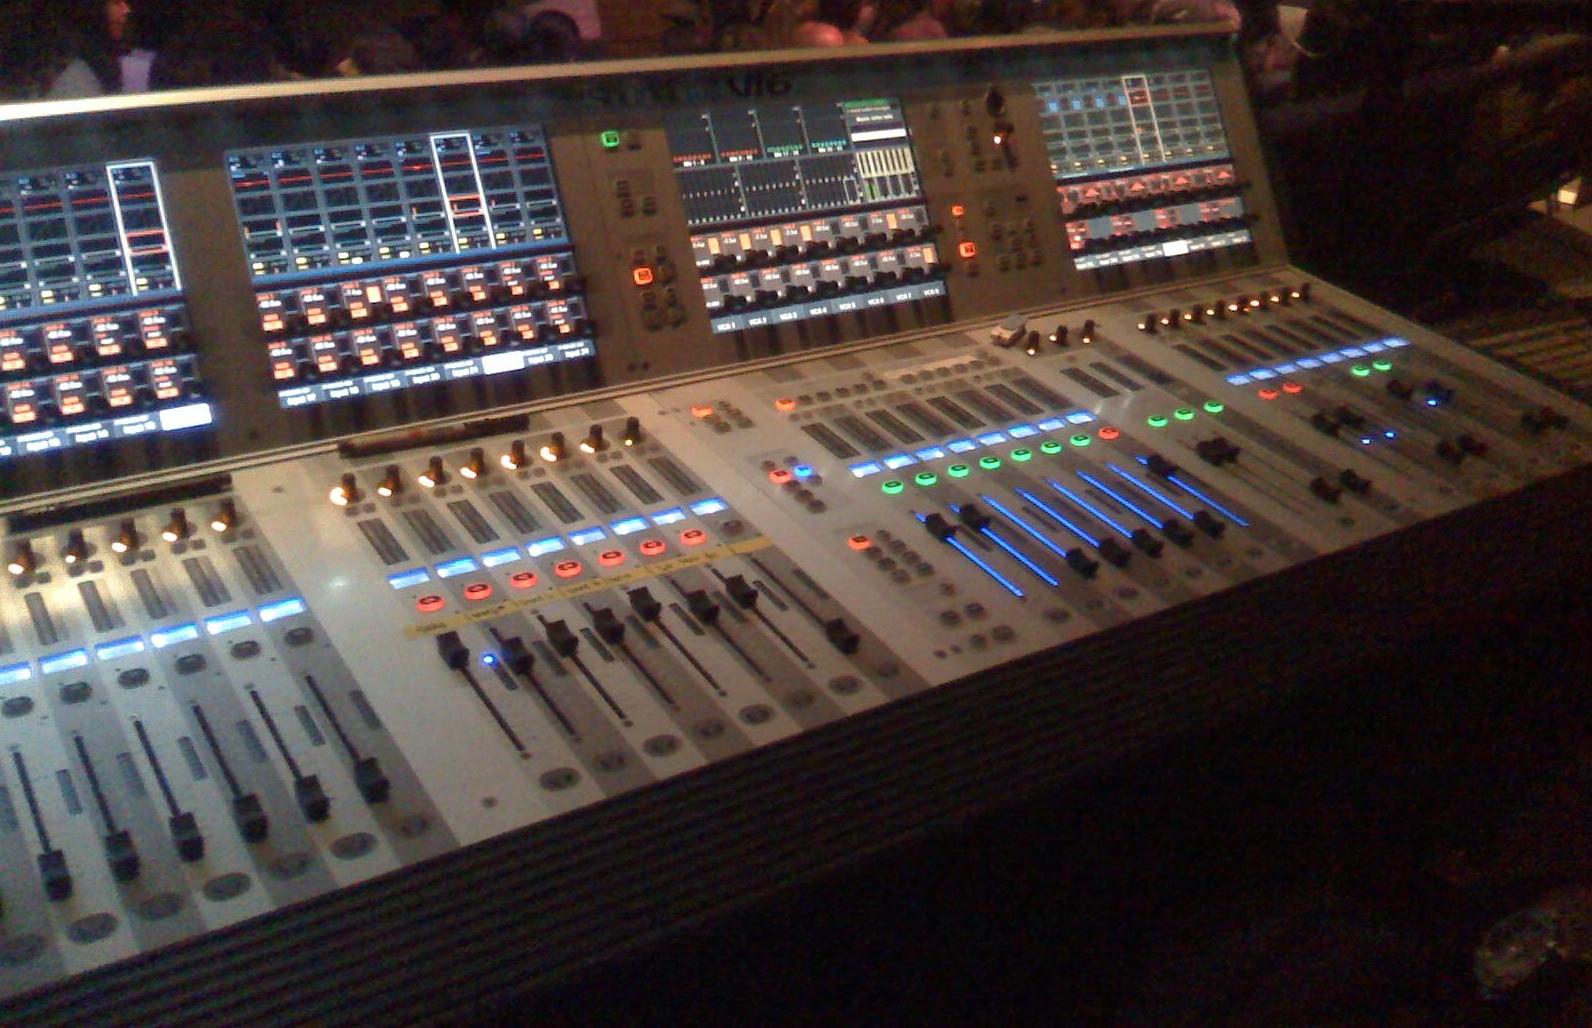 The Soundcraft Vi2